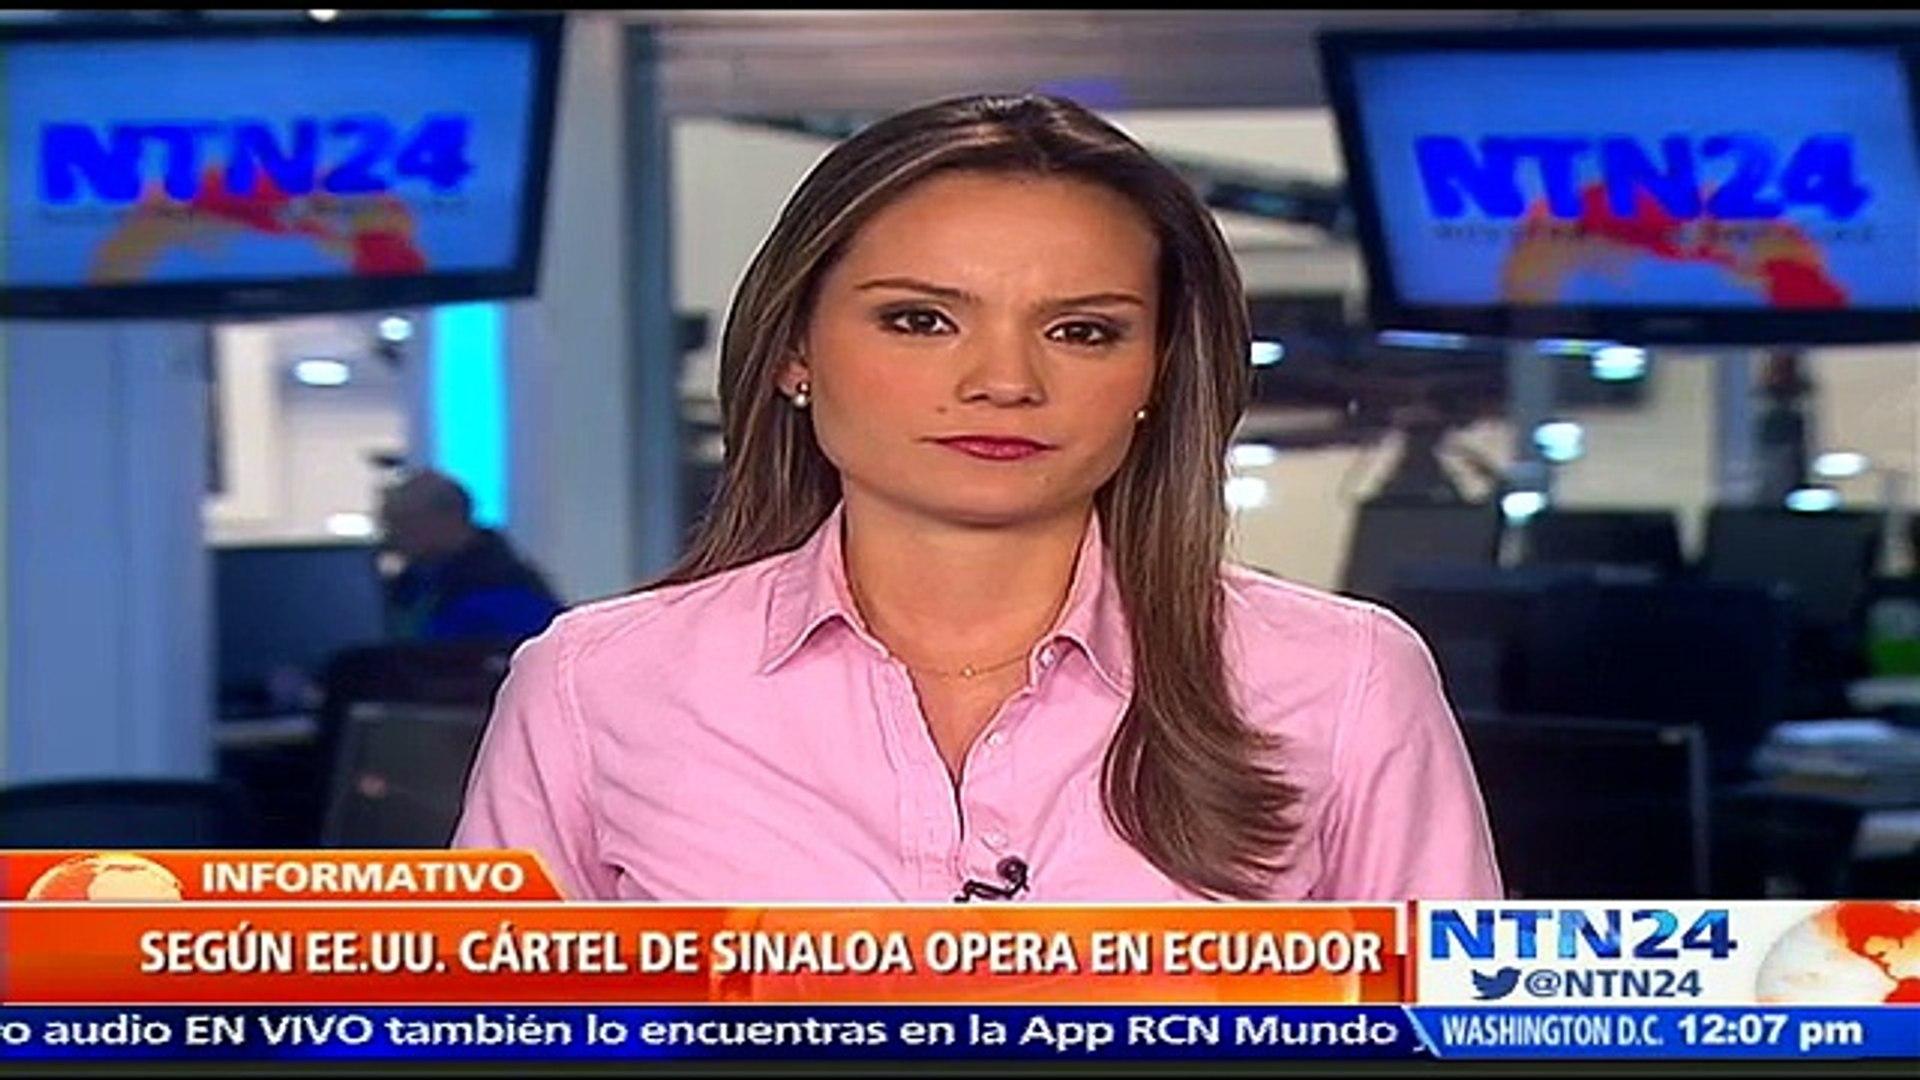 Experto en seguridad desliga responsabilidad del Gobierno de Correa con presunta presencia de cartel